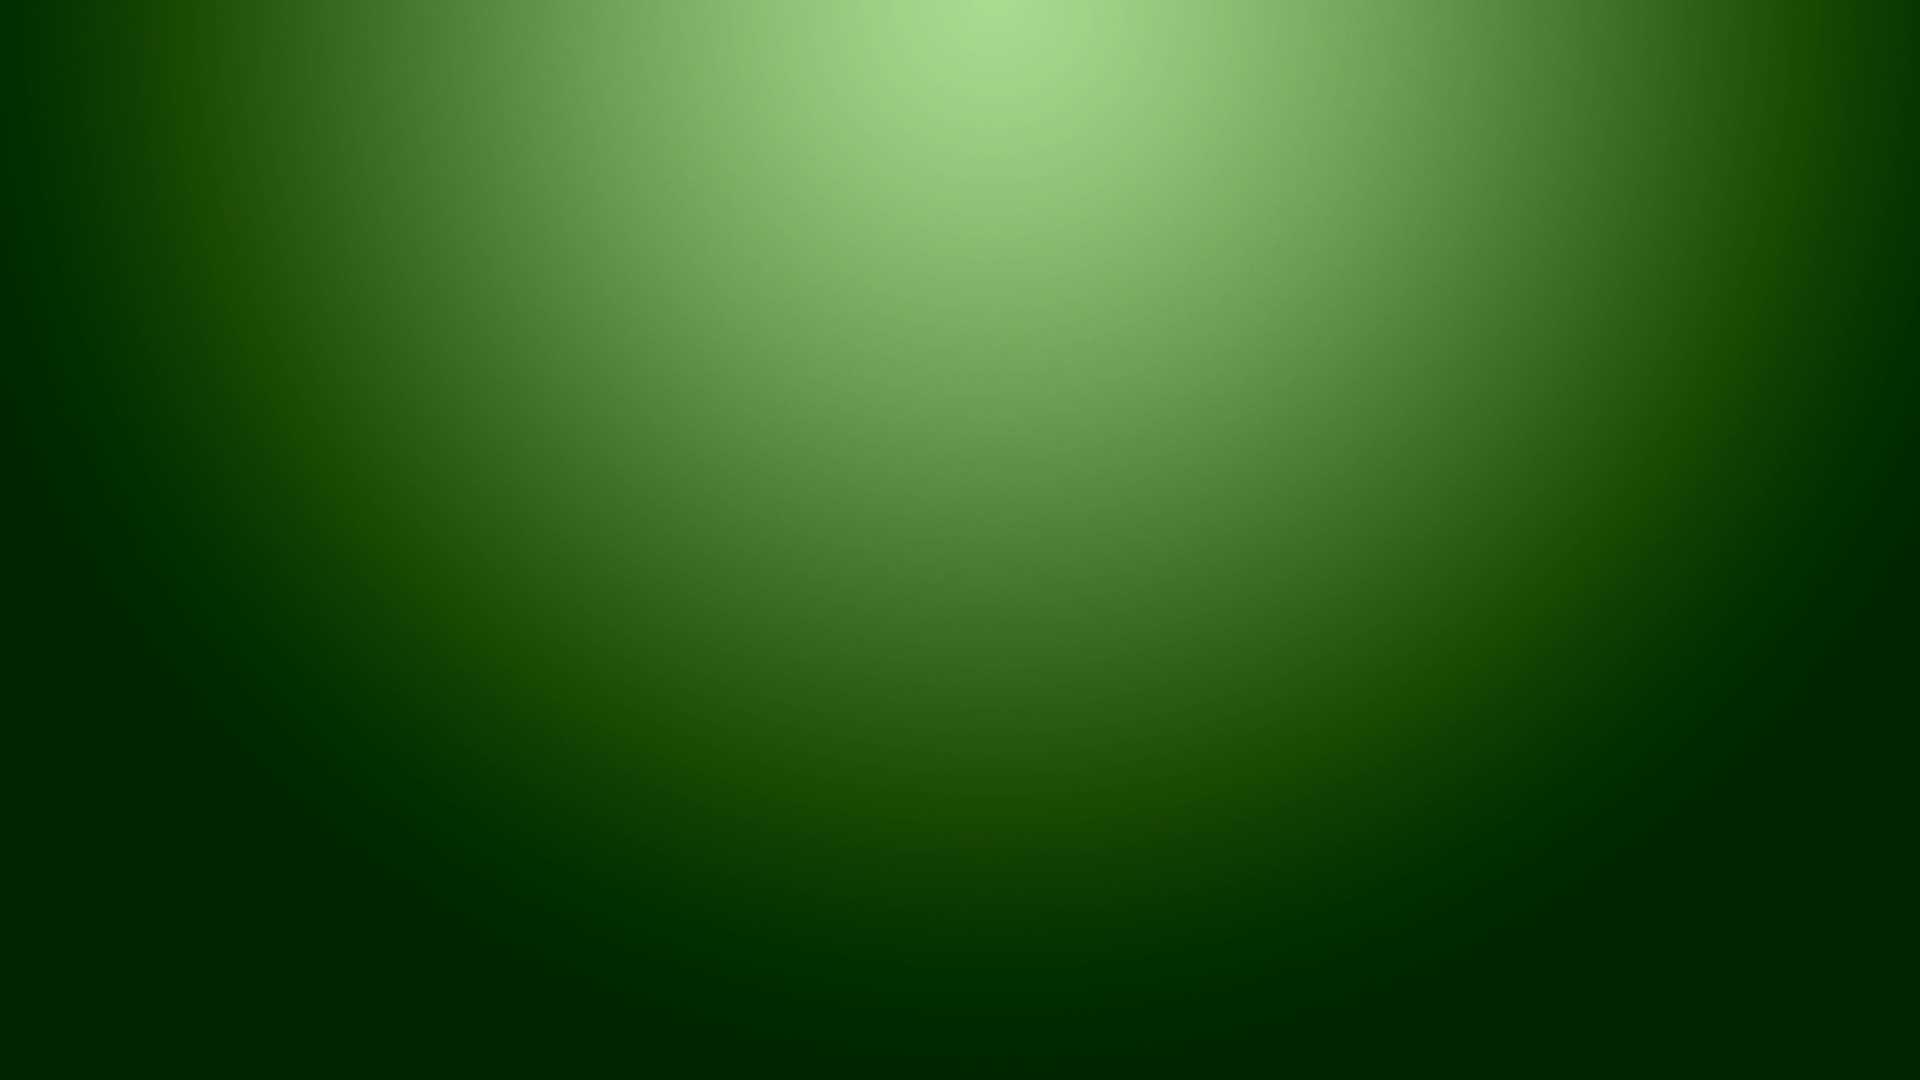 Farbverlauf2.jpg